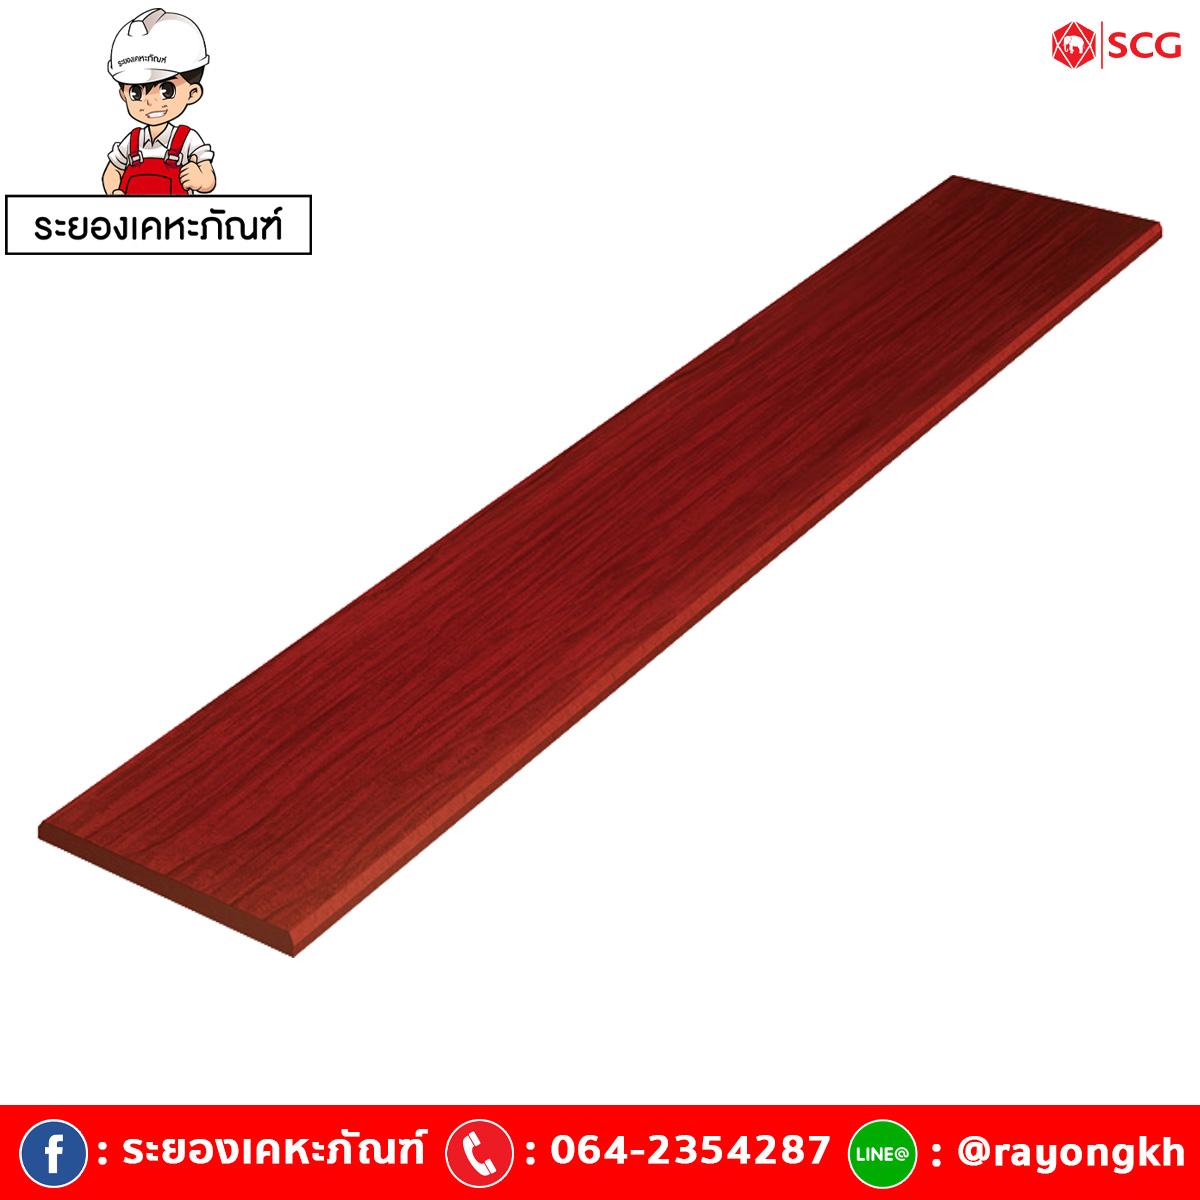 ไม้ระแนงเอสซีจี ขนาด 7.5x300x0.8 ซม. สีแดงทับทิมสเปเชียลพลัส